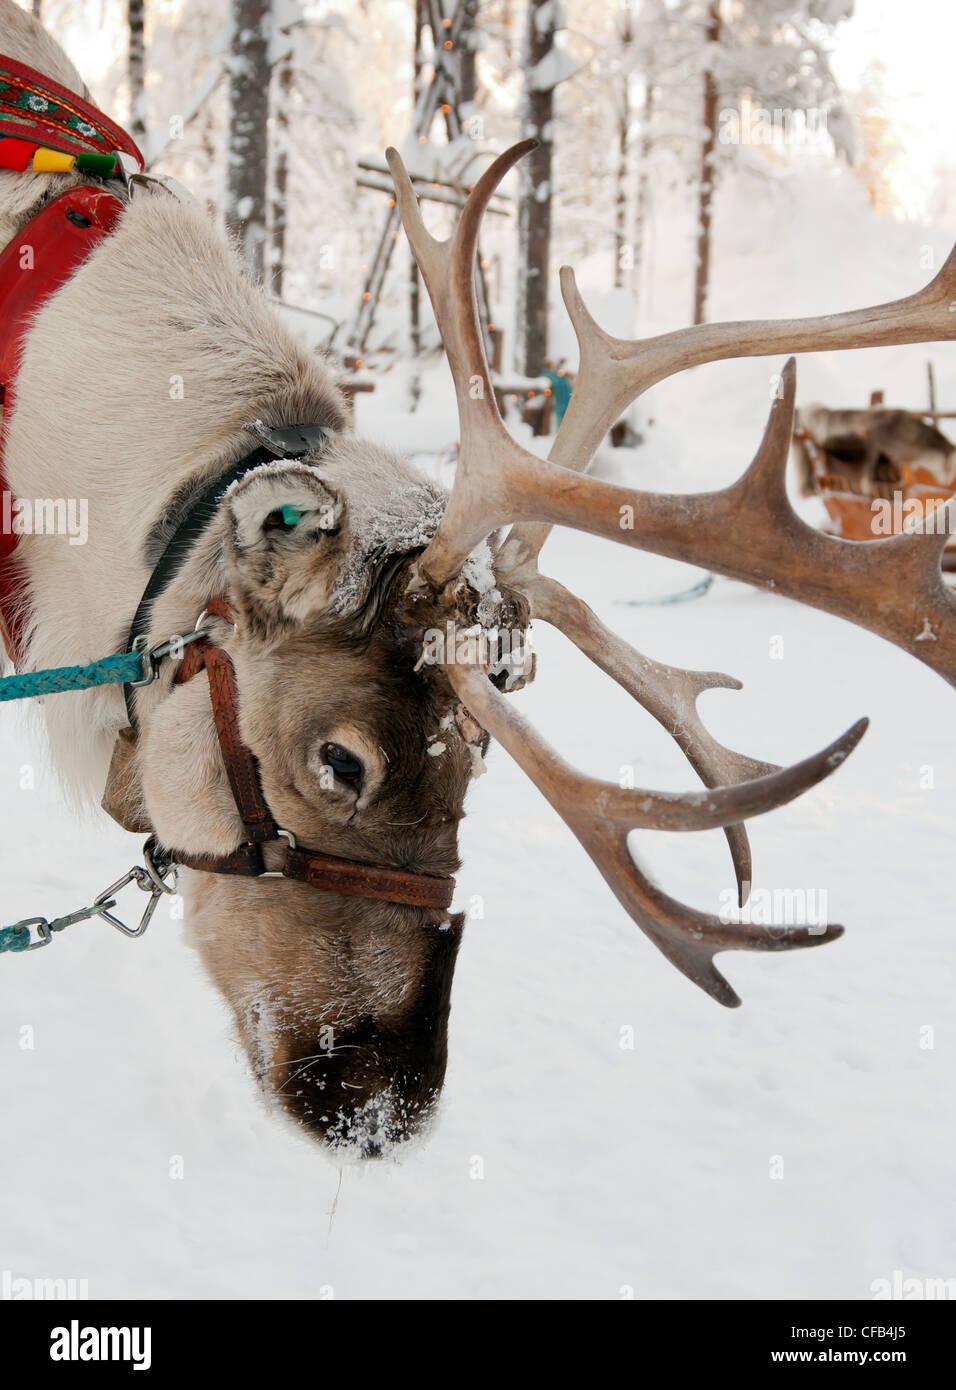 Le renne de Noël sur l'arrière-plan d'une forêt d'hiver Banque D'Images